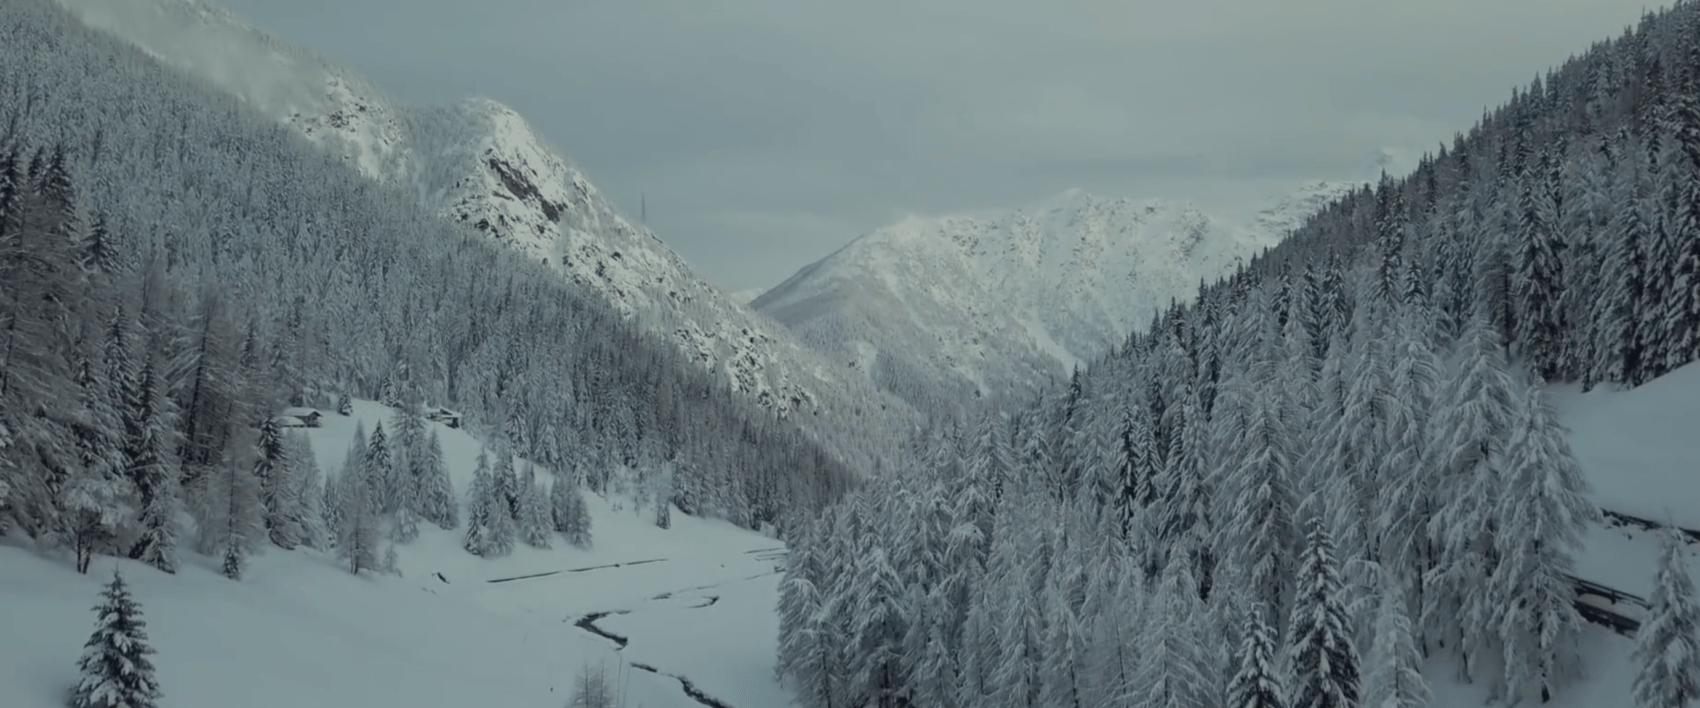 Vallée du Grand-St-Bernard - Vallée d'Aoste